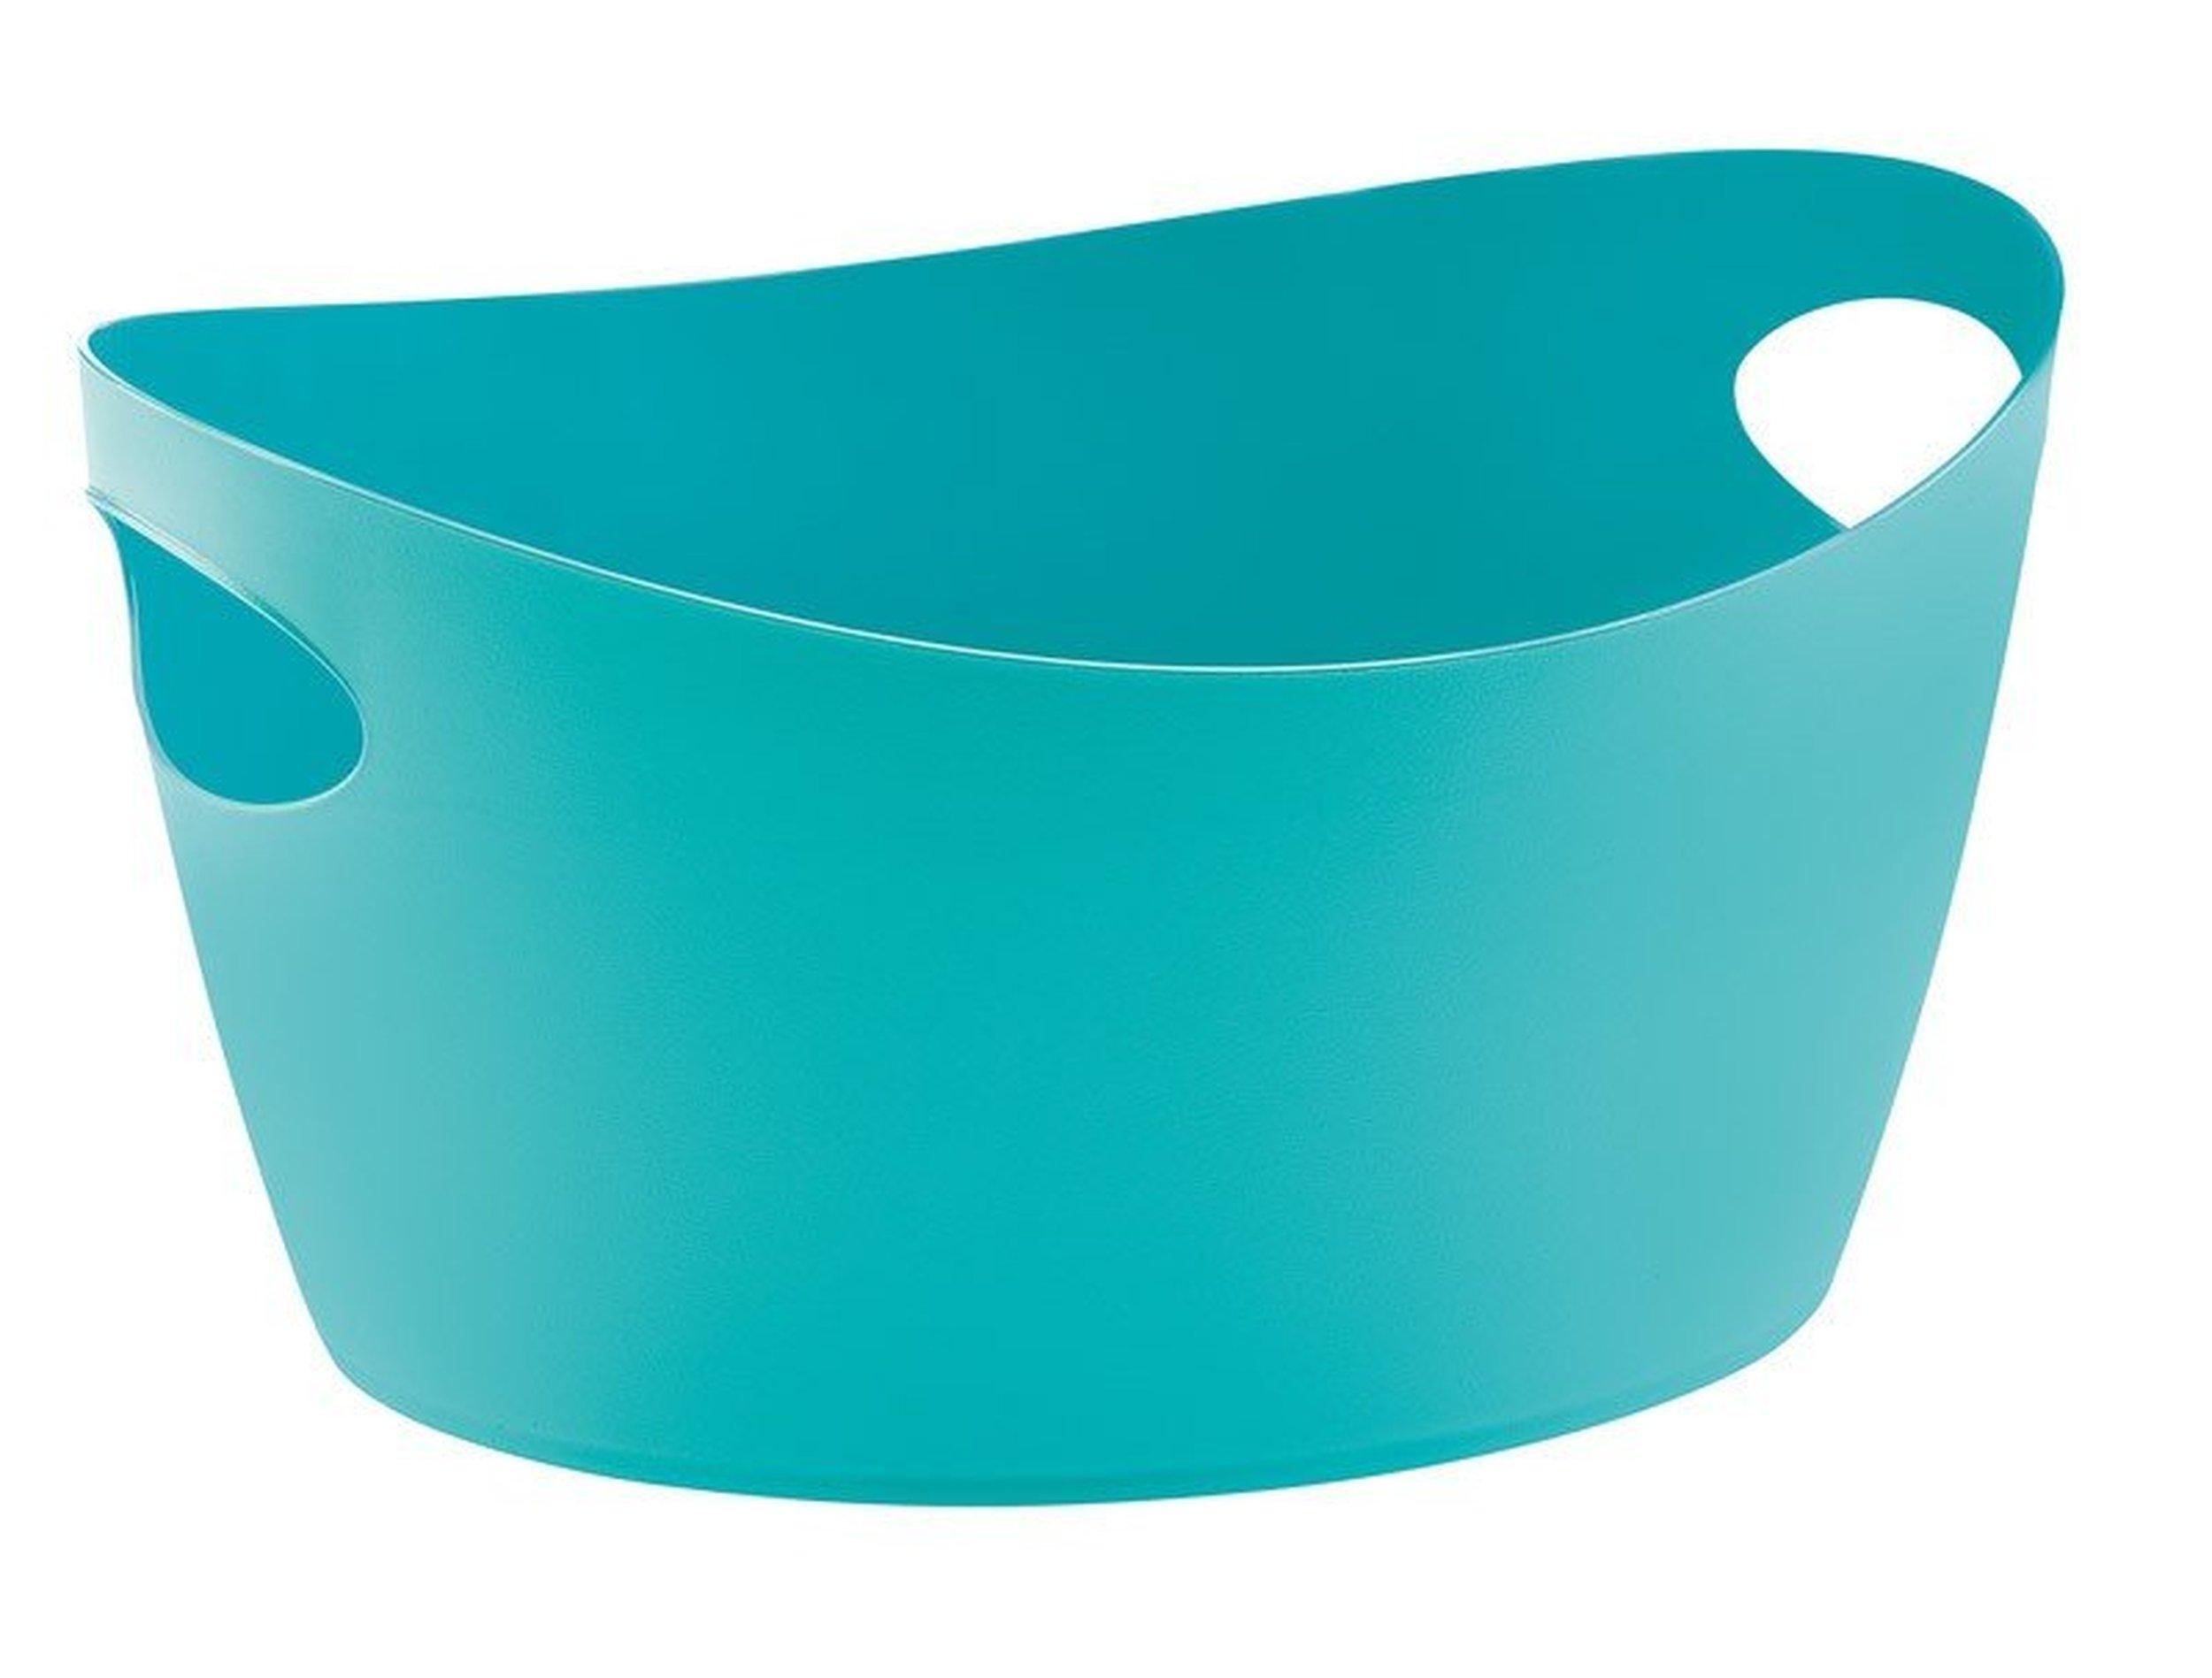 Miska Bottichelli M niebieska turkusowa